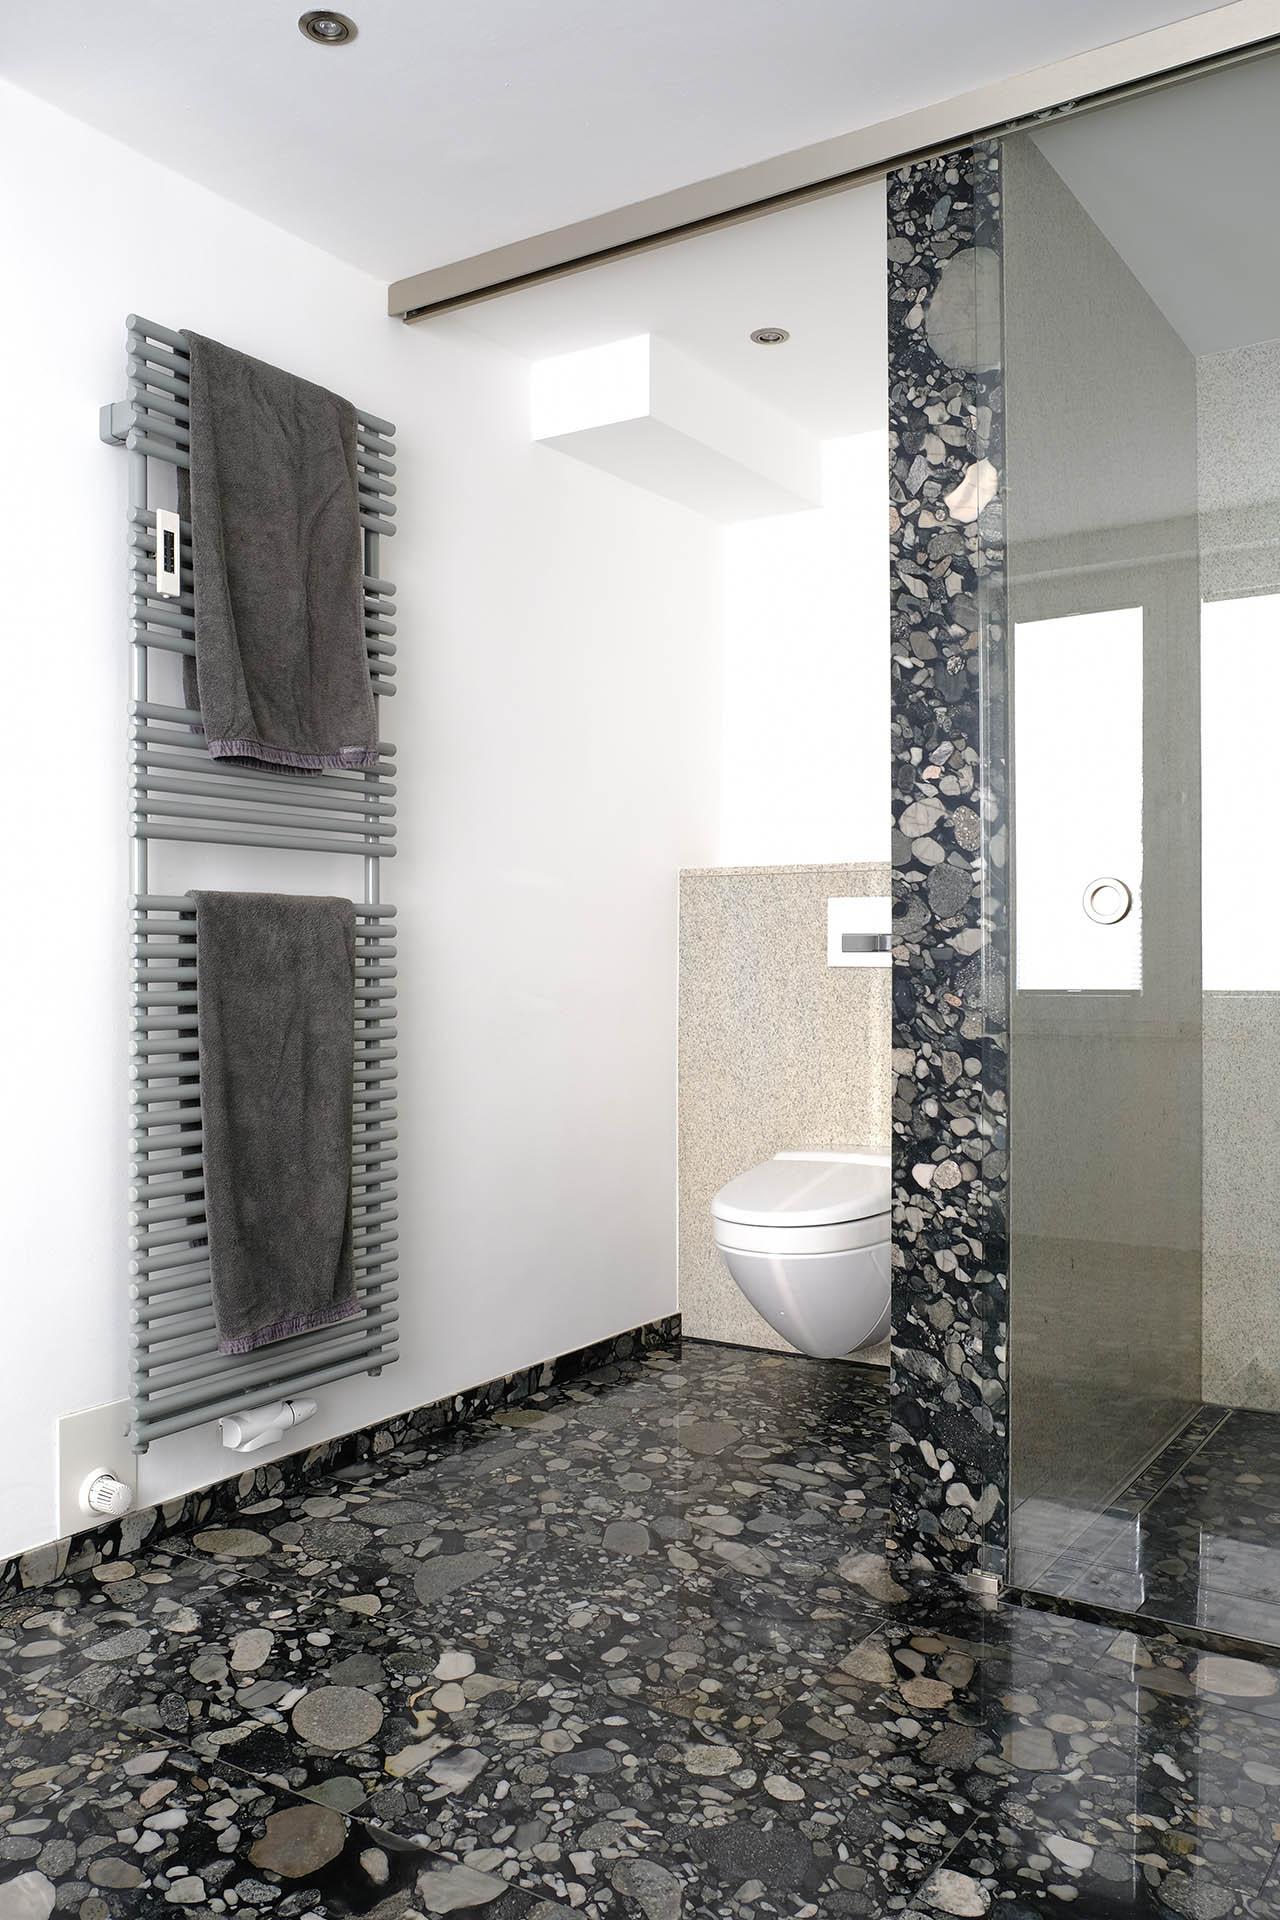 perspektie_wc_marmor_radermacher_nero_marinace_imperial_white_badezimmer_salle_de_bain_douche_dusche_waschtisch_lavabo